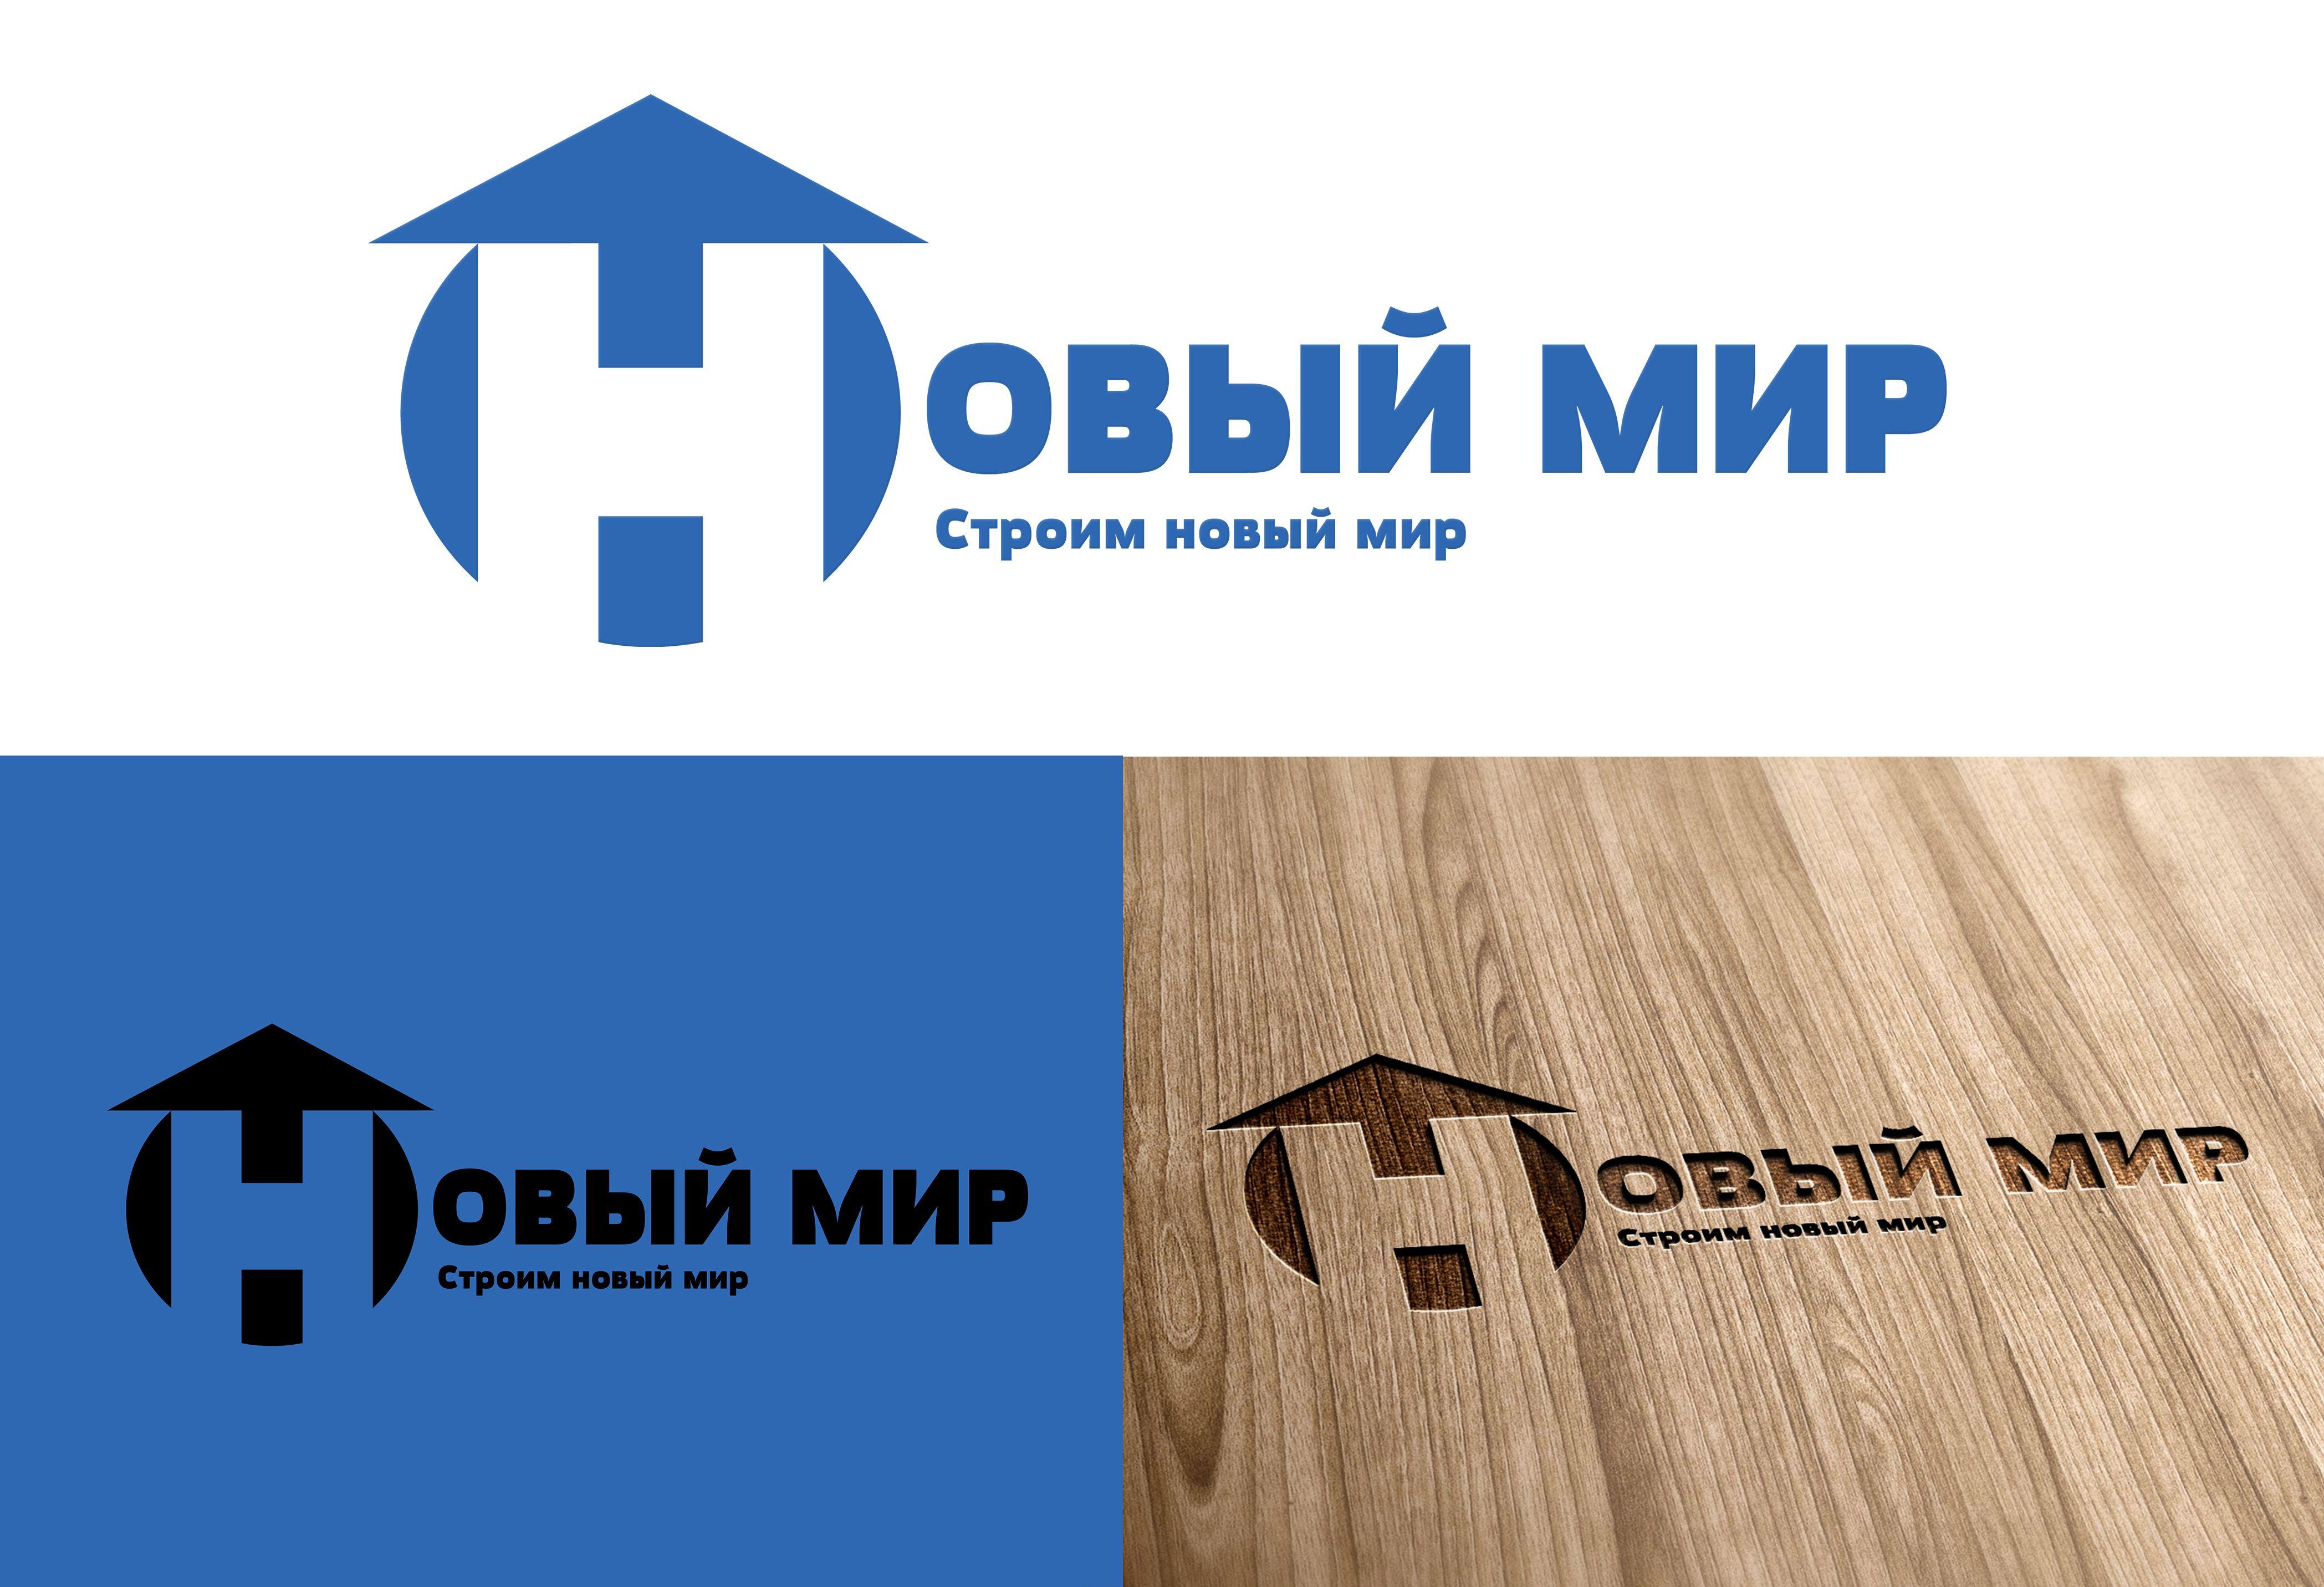 Логотип для строительной компании - дизайнер Q1W1